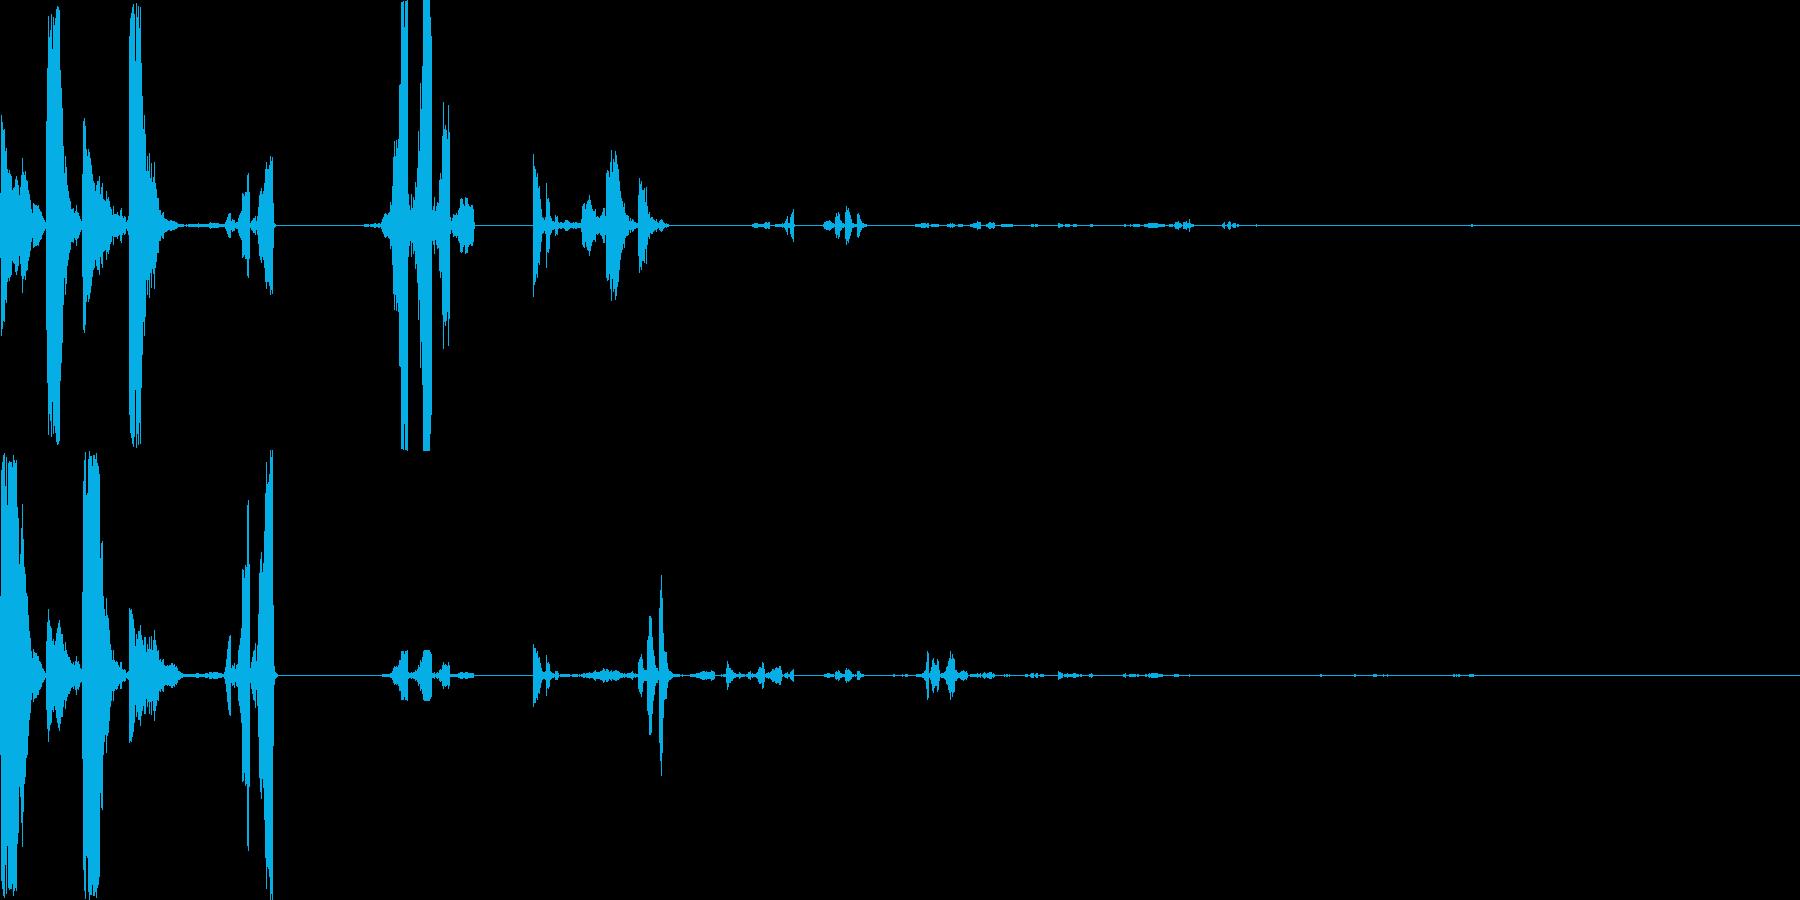 混乱した機械的な音の再生済みの波形